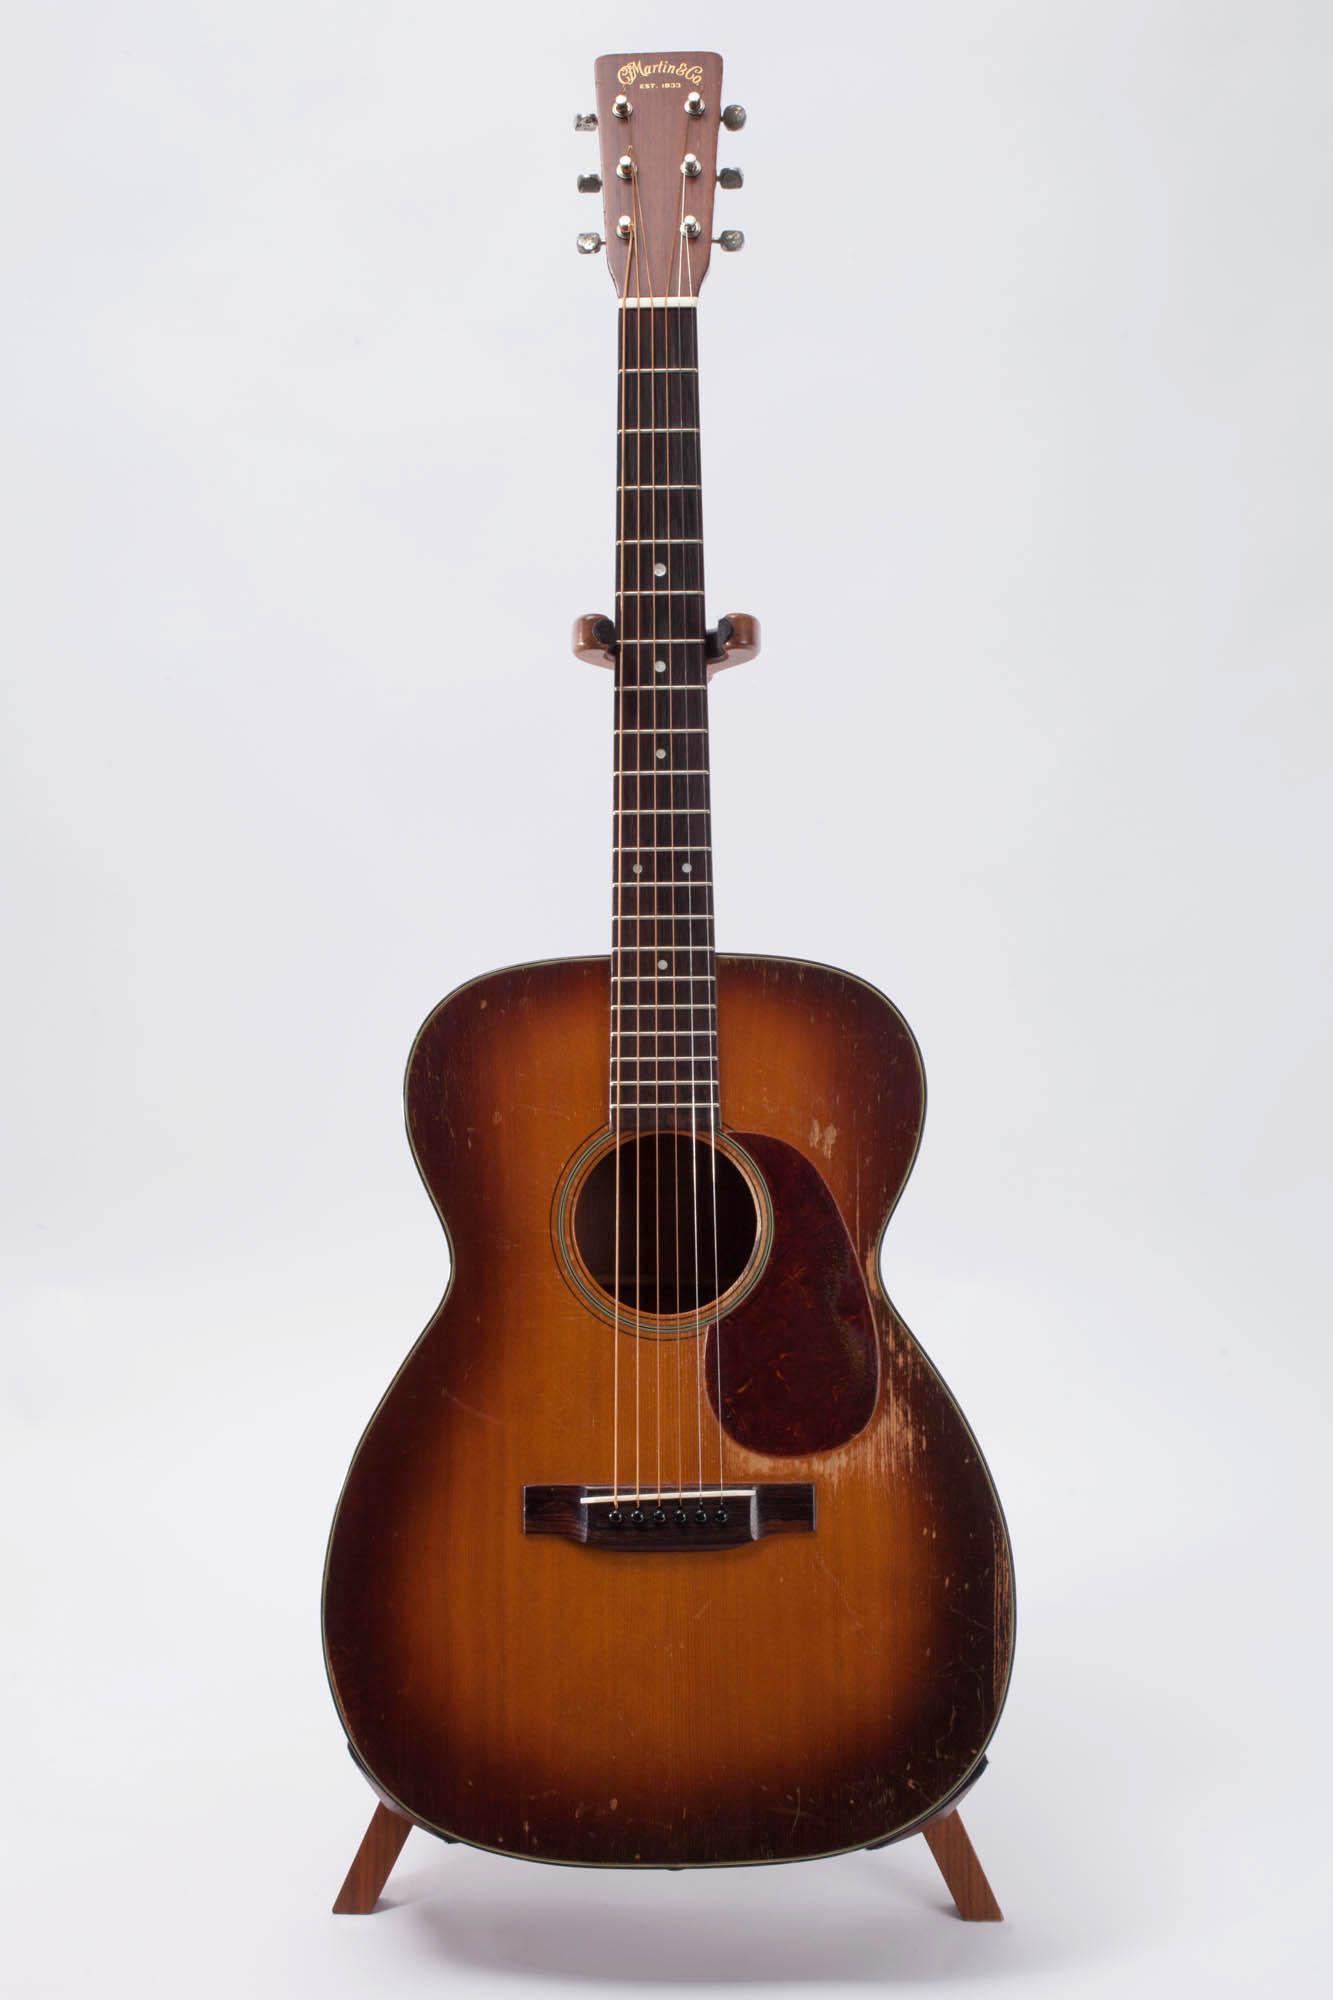 c f martin 00 18 1948 sunburst guitar for sale jet city guitars. Black Bedroom Furniture Sets. Home Design Ideas